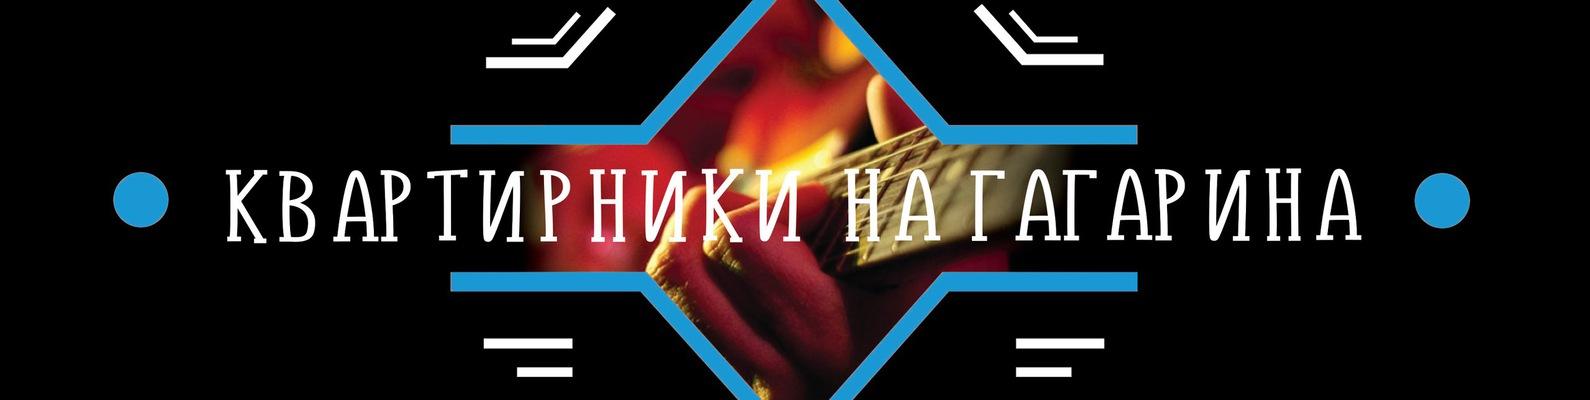 Трамал Продажа Нижнекамск мультфильмы тотали спайс 6 сезон на русском языке